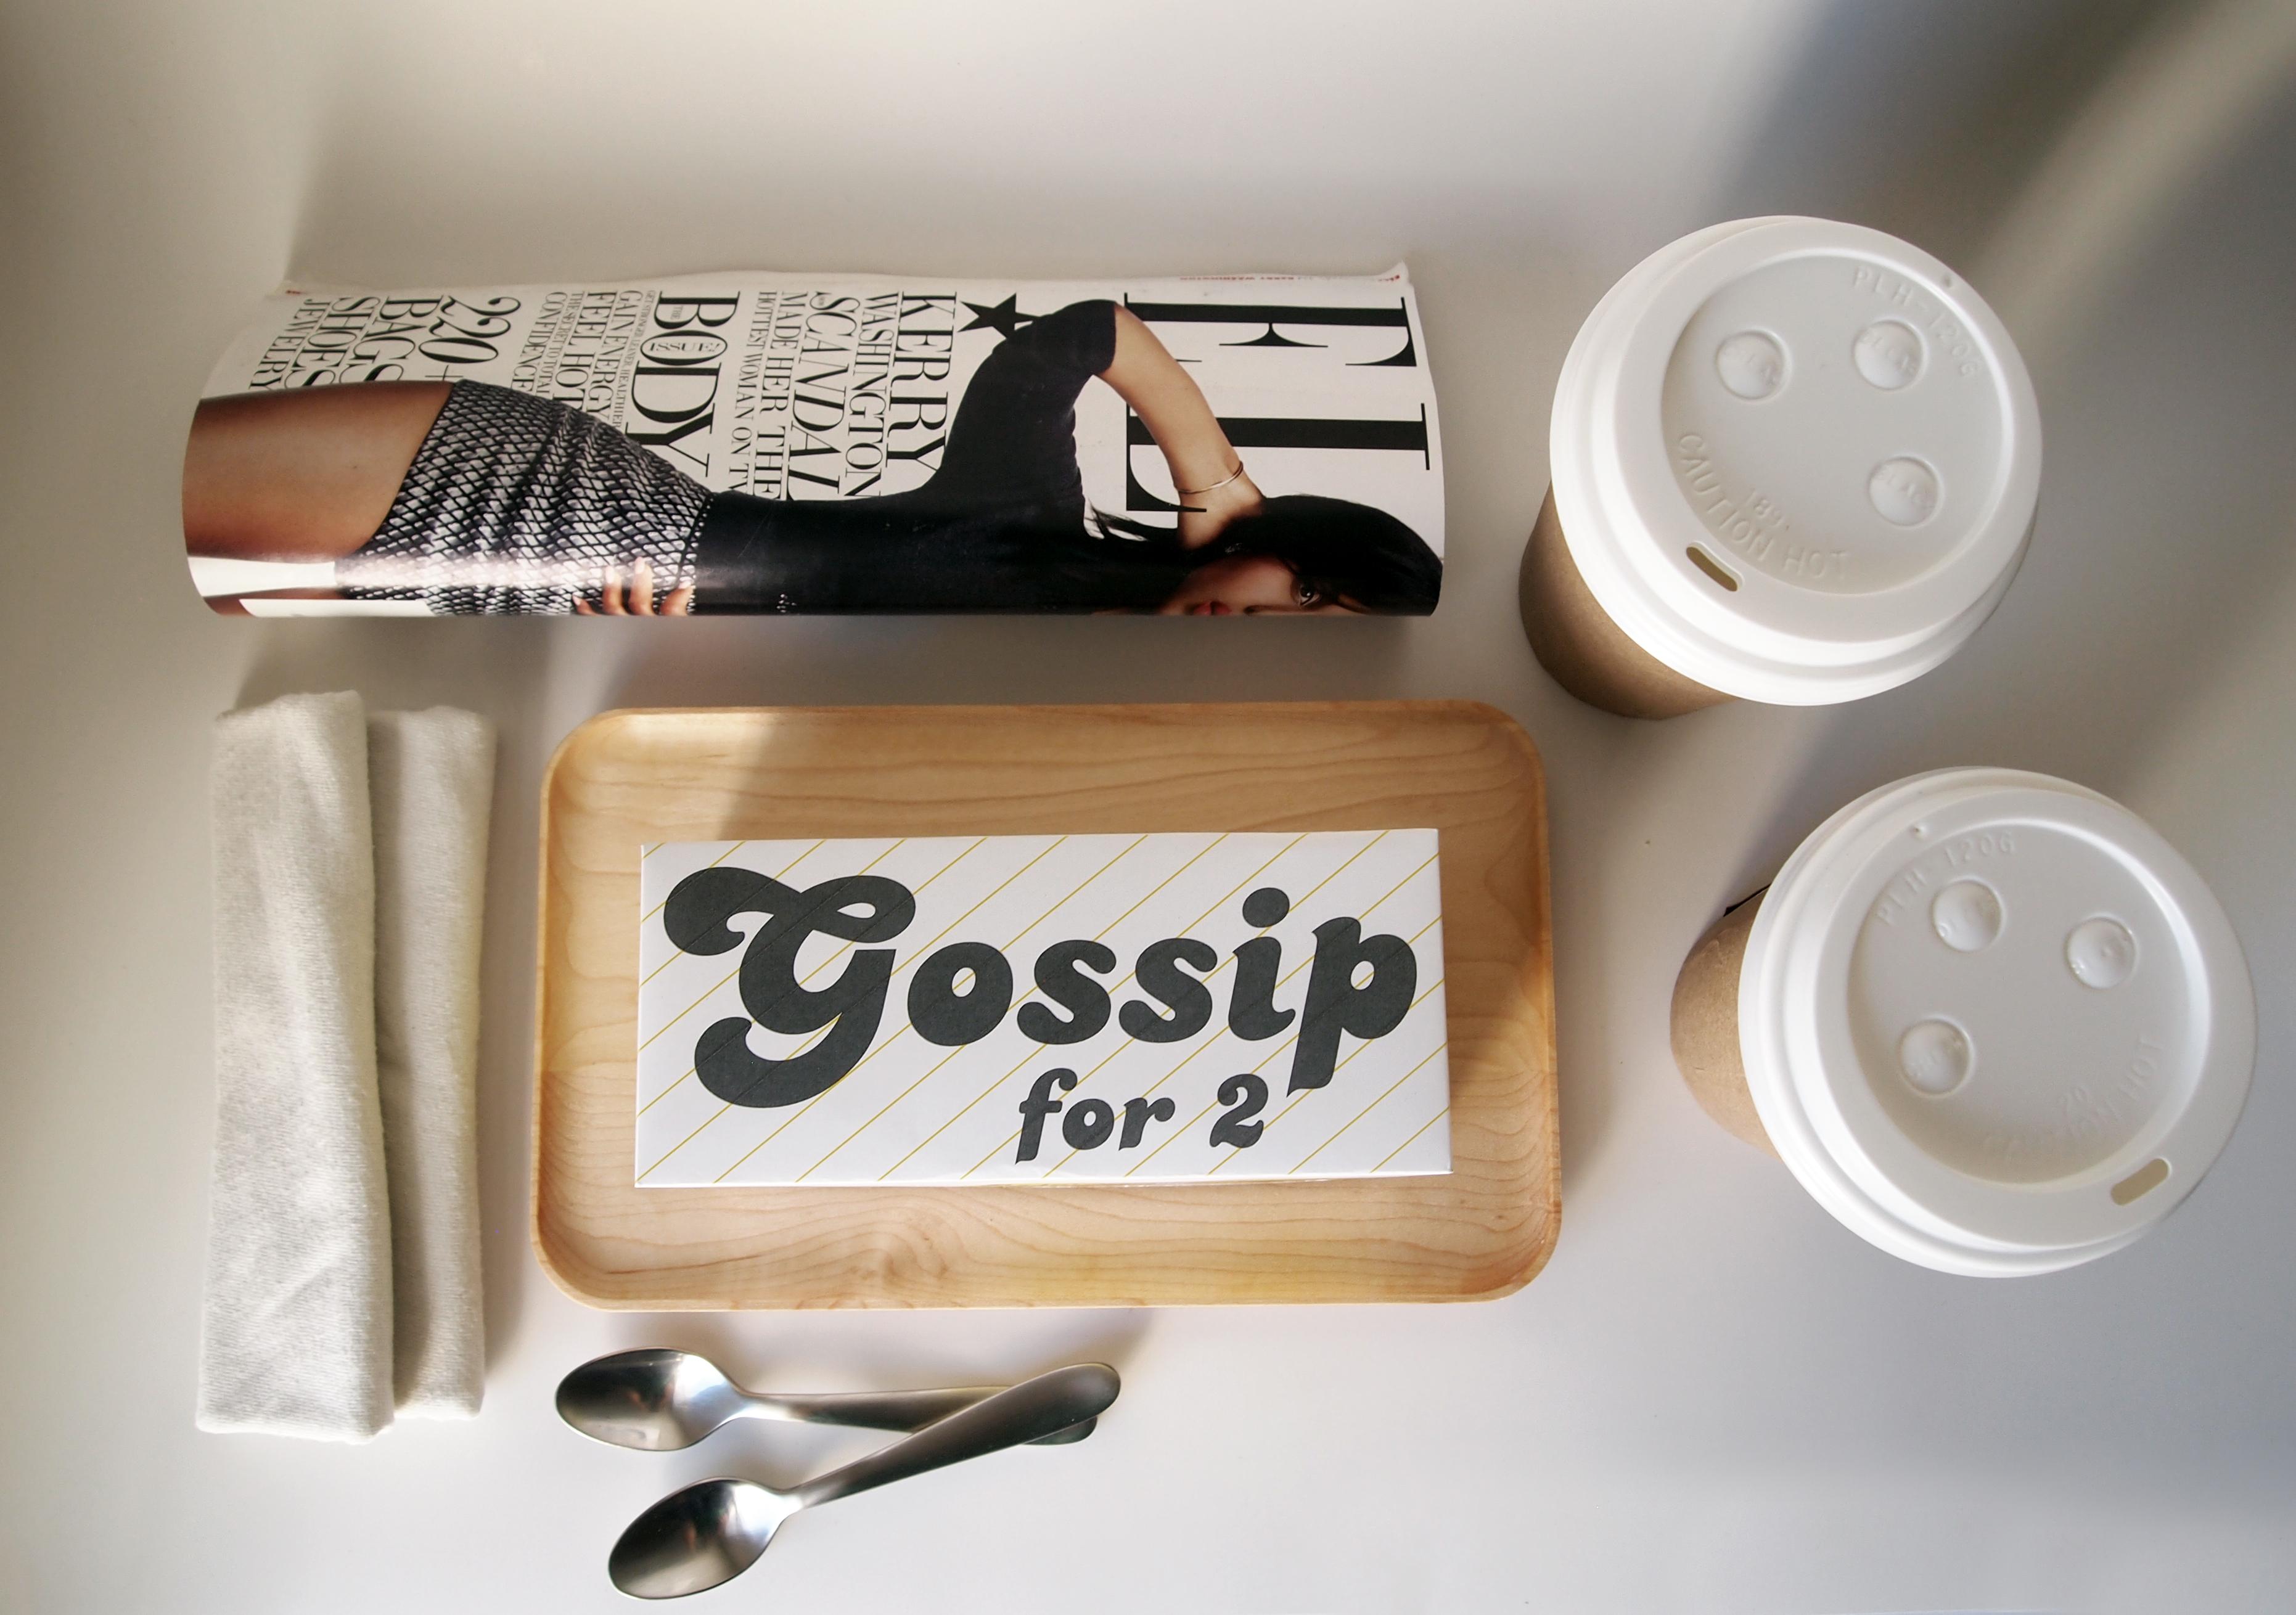 Gossip for 2